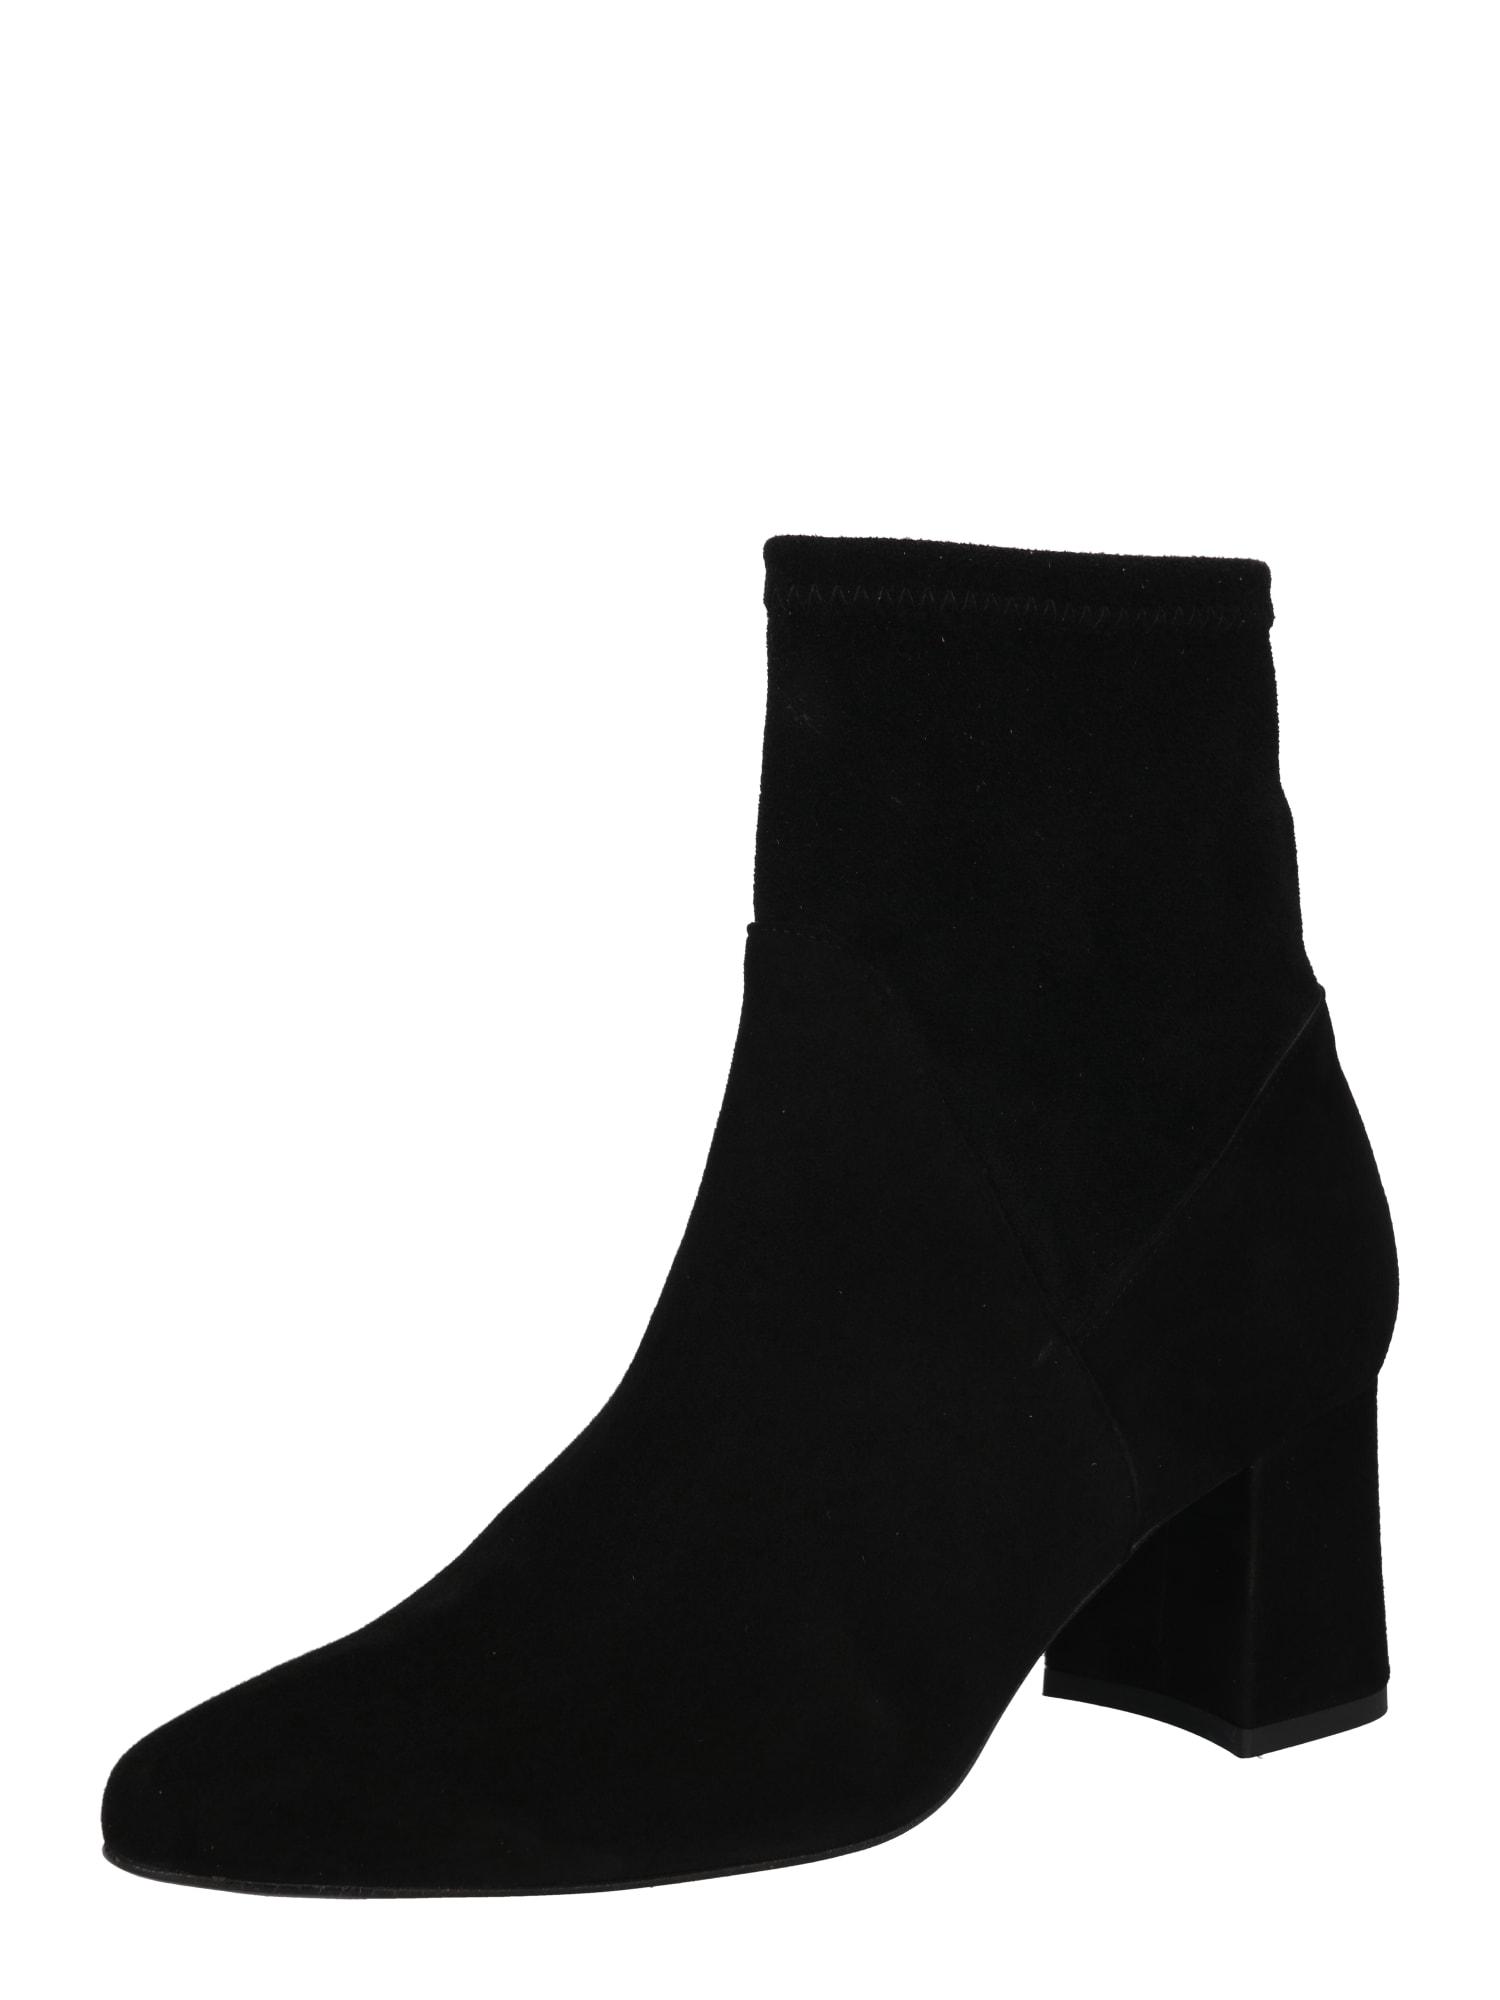 Kotníkové boty Clarice černá Apple Of Eden